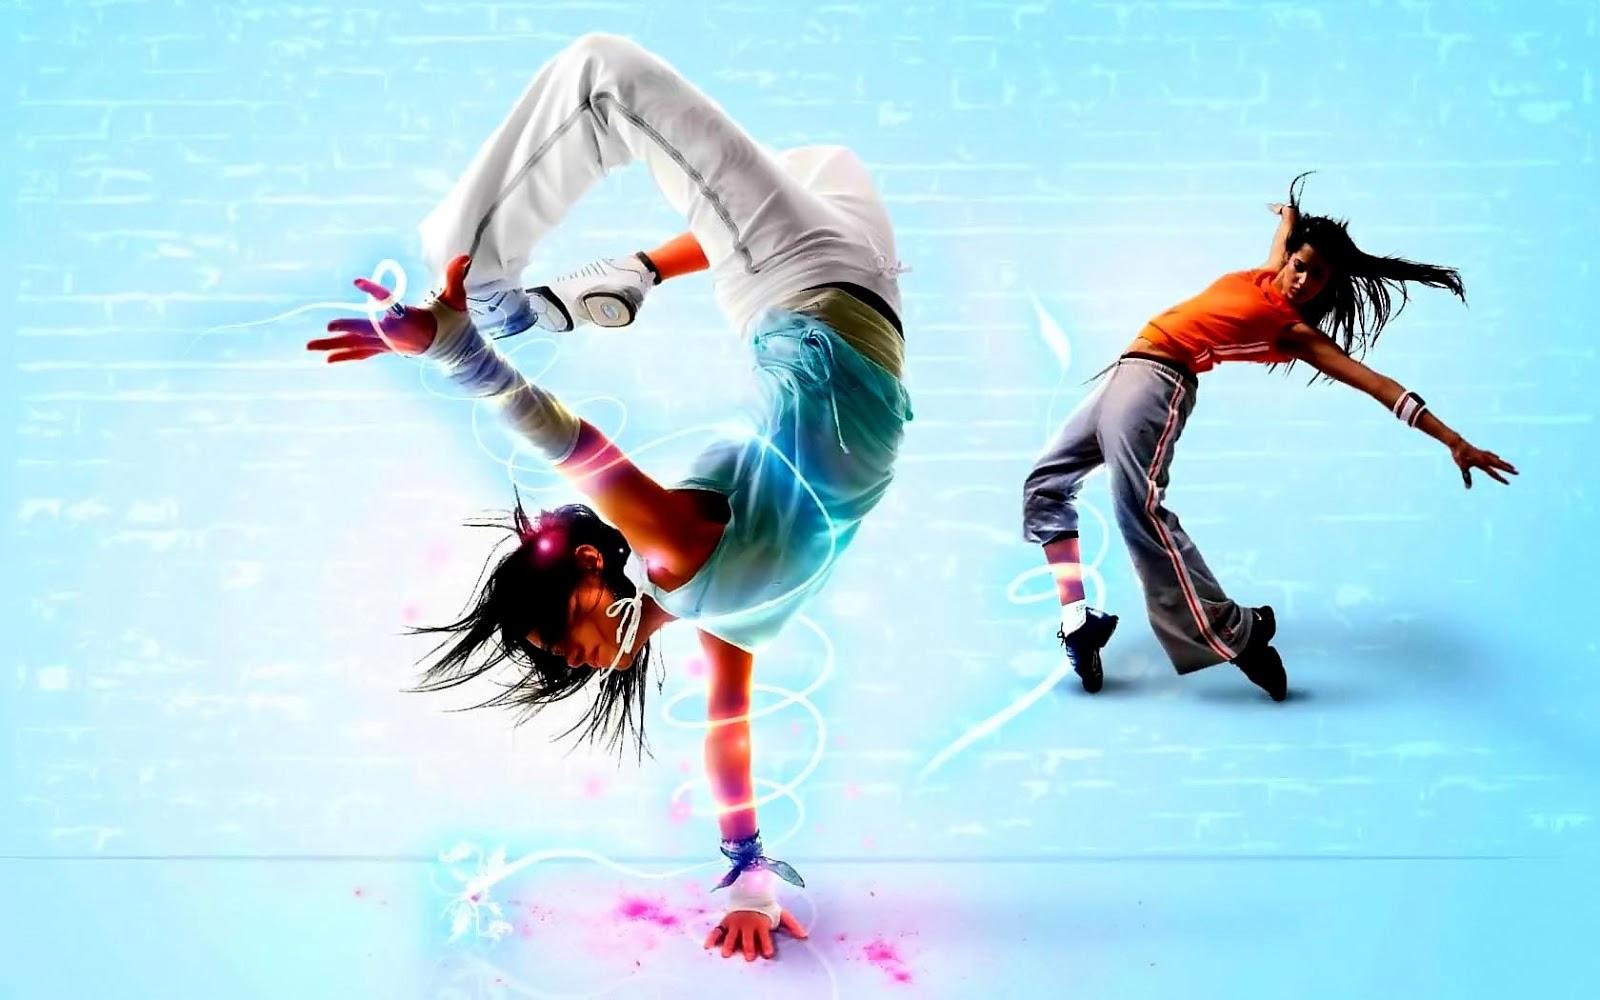 Dance hd wallpaper dance wallpaper 1600x1000